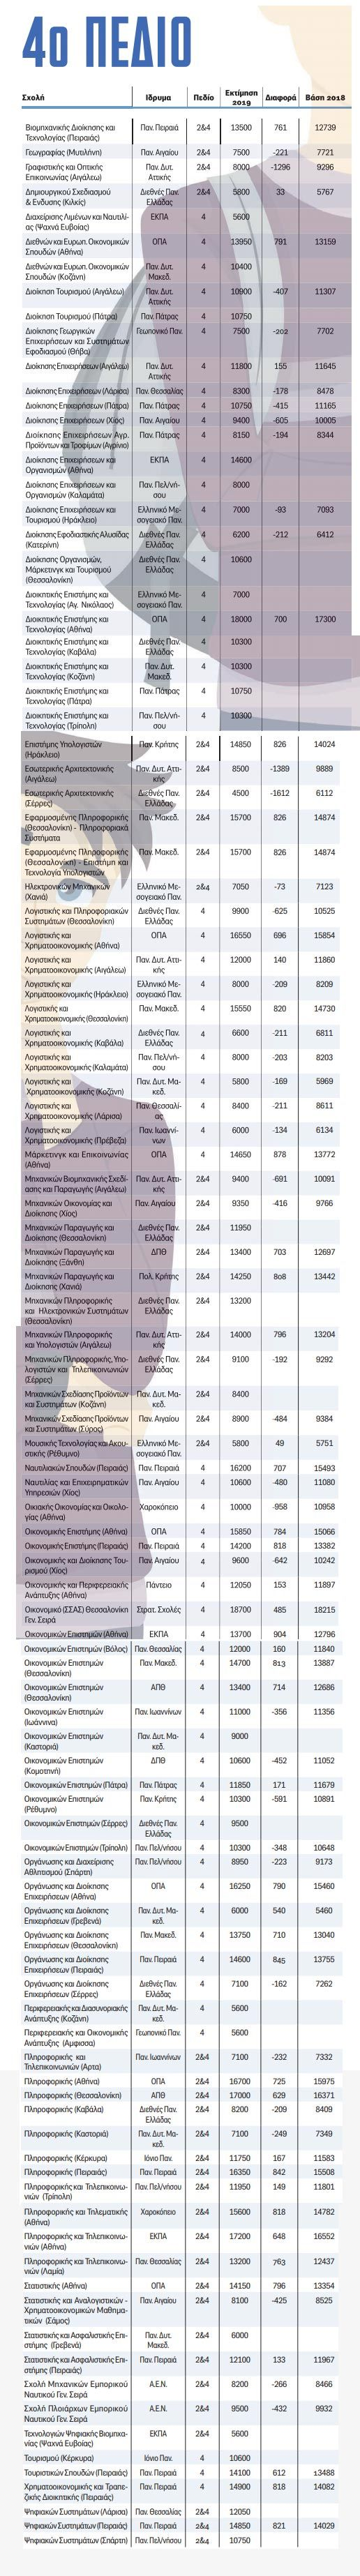 , Panhellenik: her okula yükselişi ve düşüşü, Base için tahminler 459 okullar (ayrıntılı Tablolar)